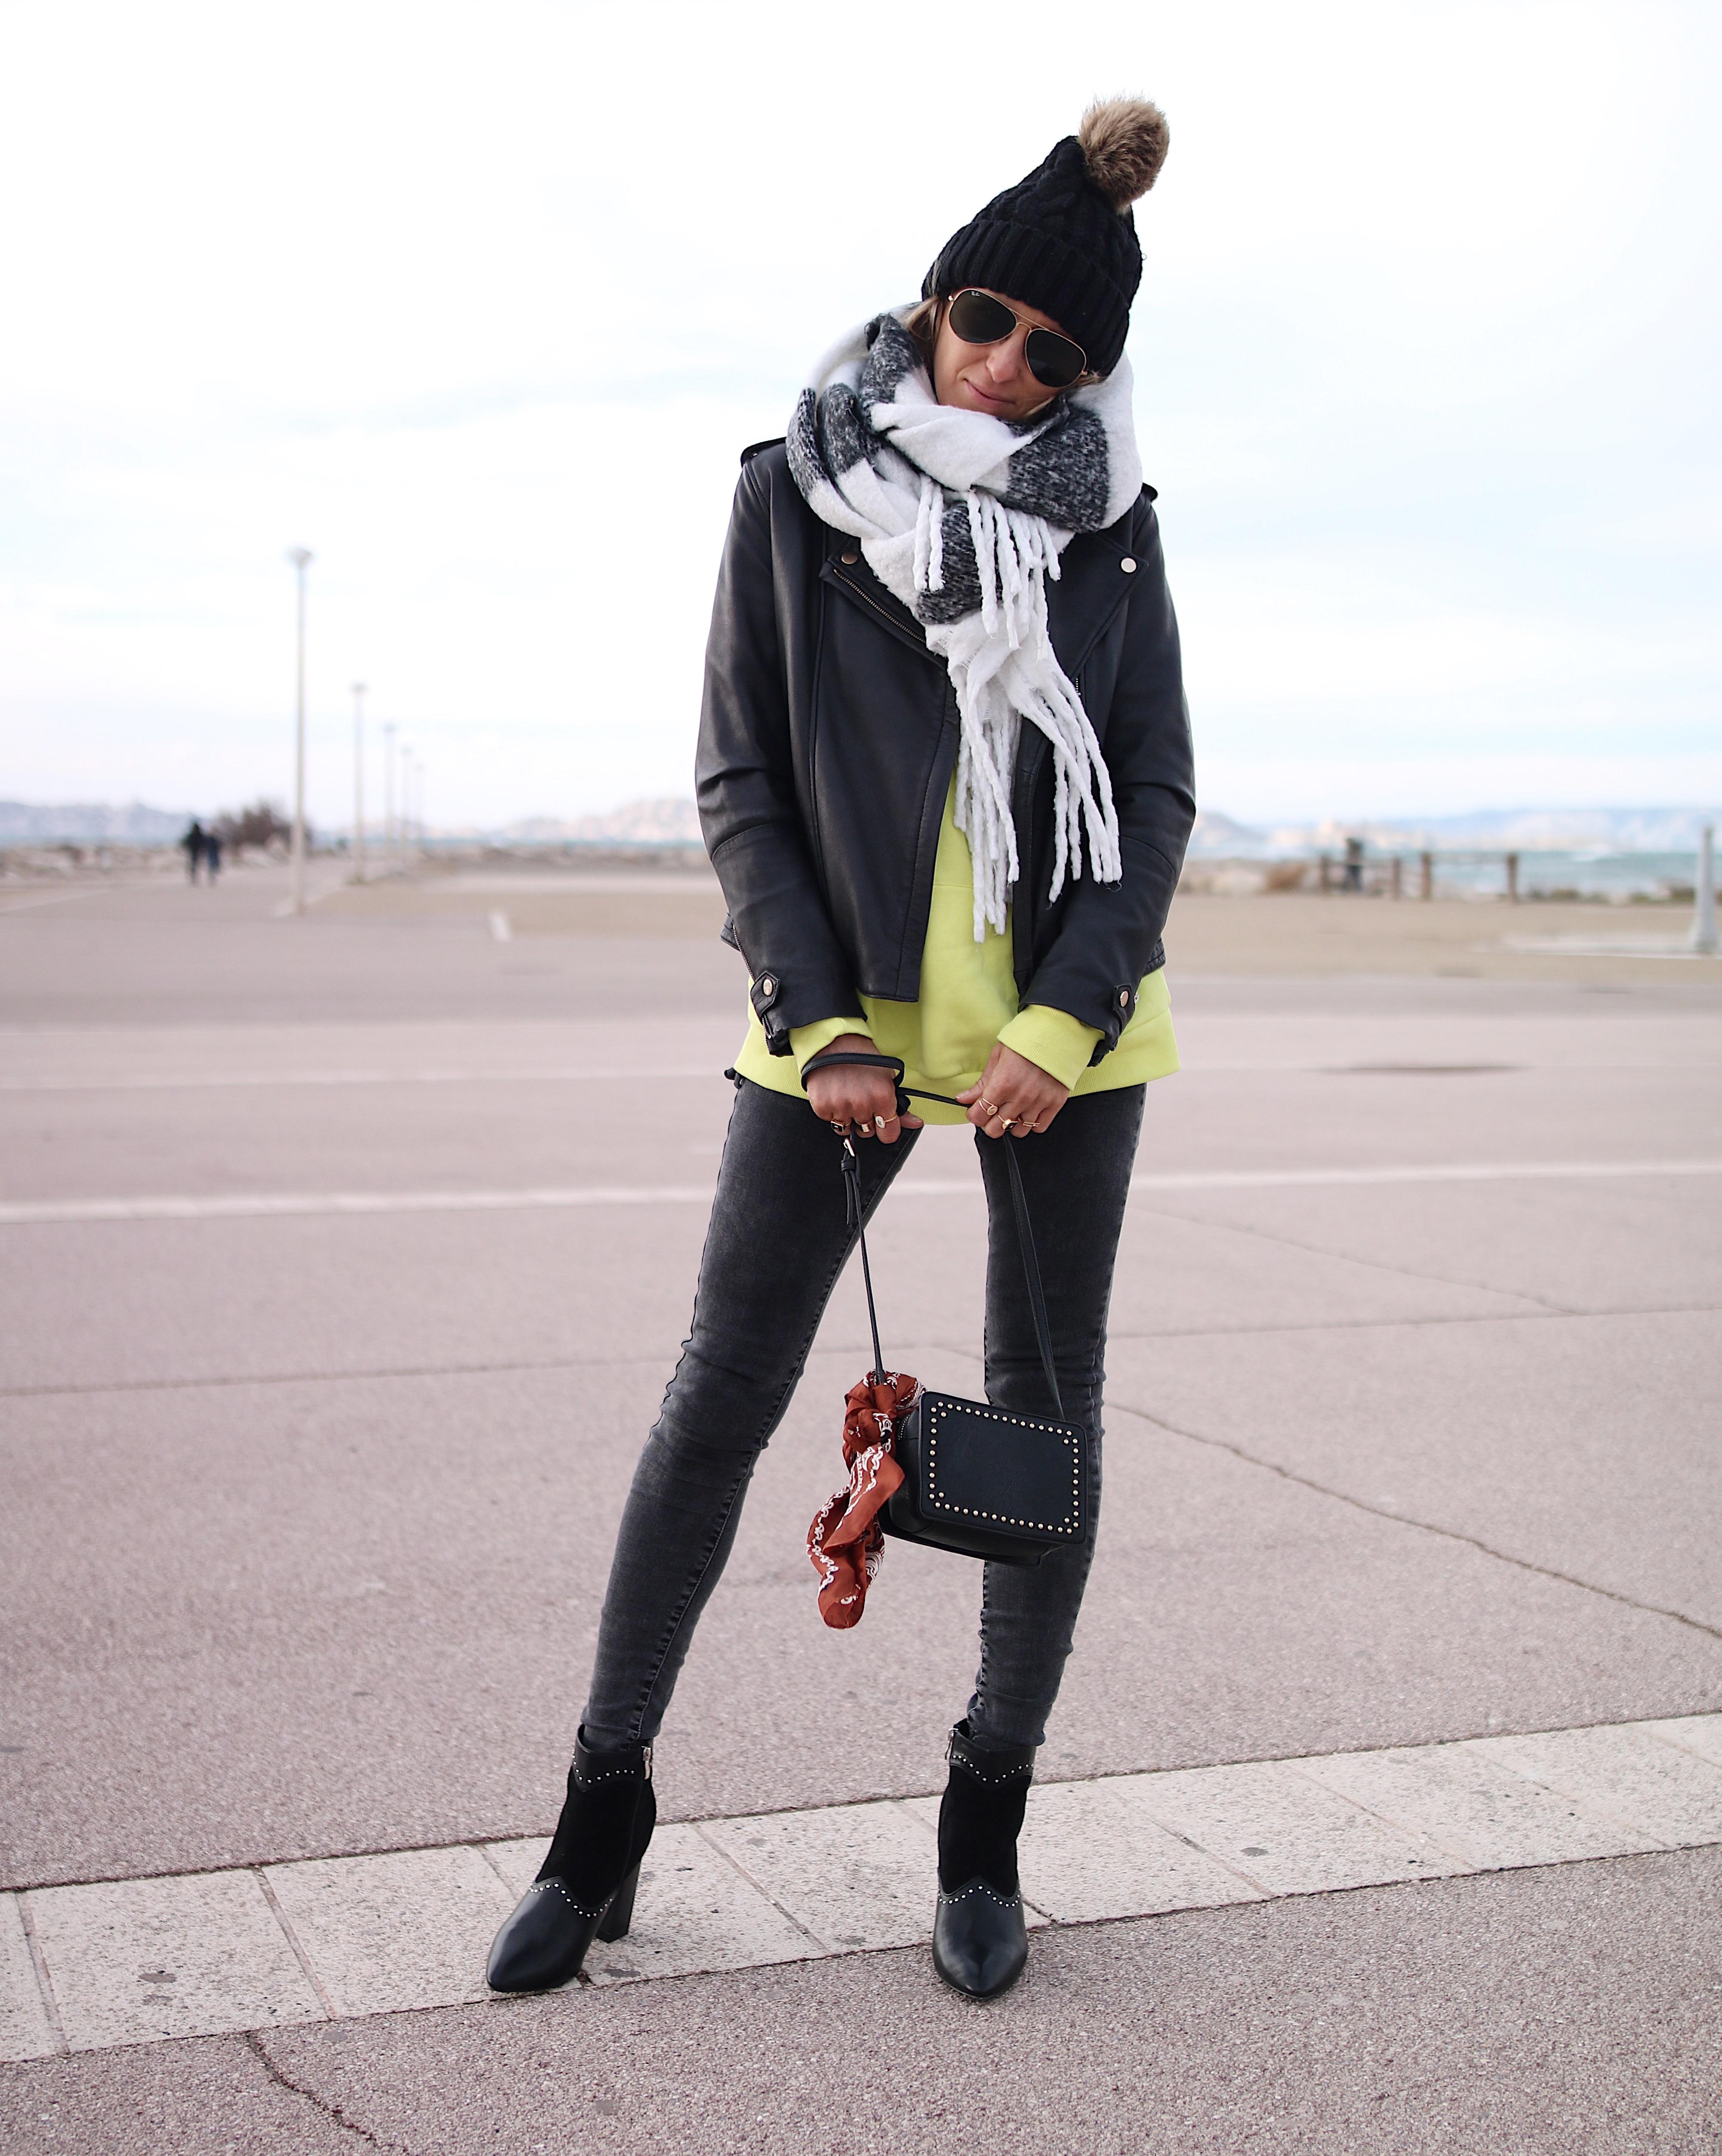 BLACK & YELLOW - Chon & CHON - www.chonandchon.com - total look noir et sweat fluo, black outfit, black style, look noir, porter du noir et des bottines